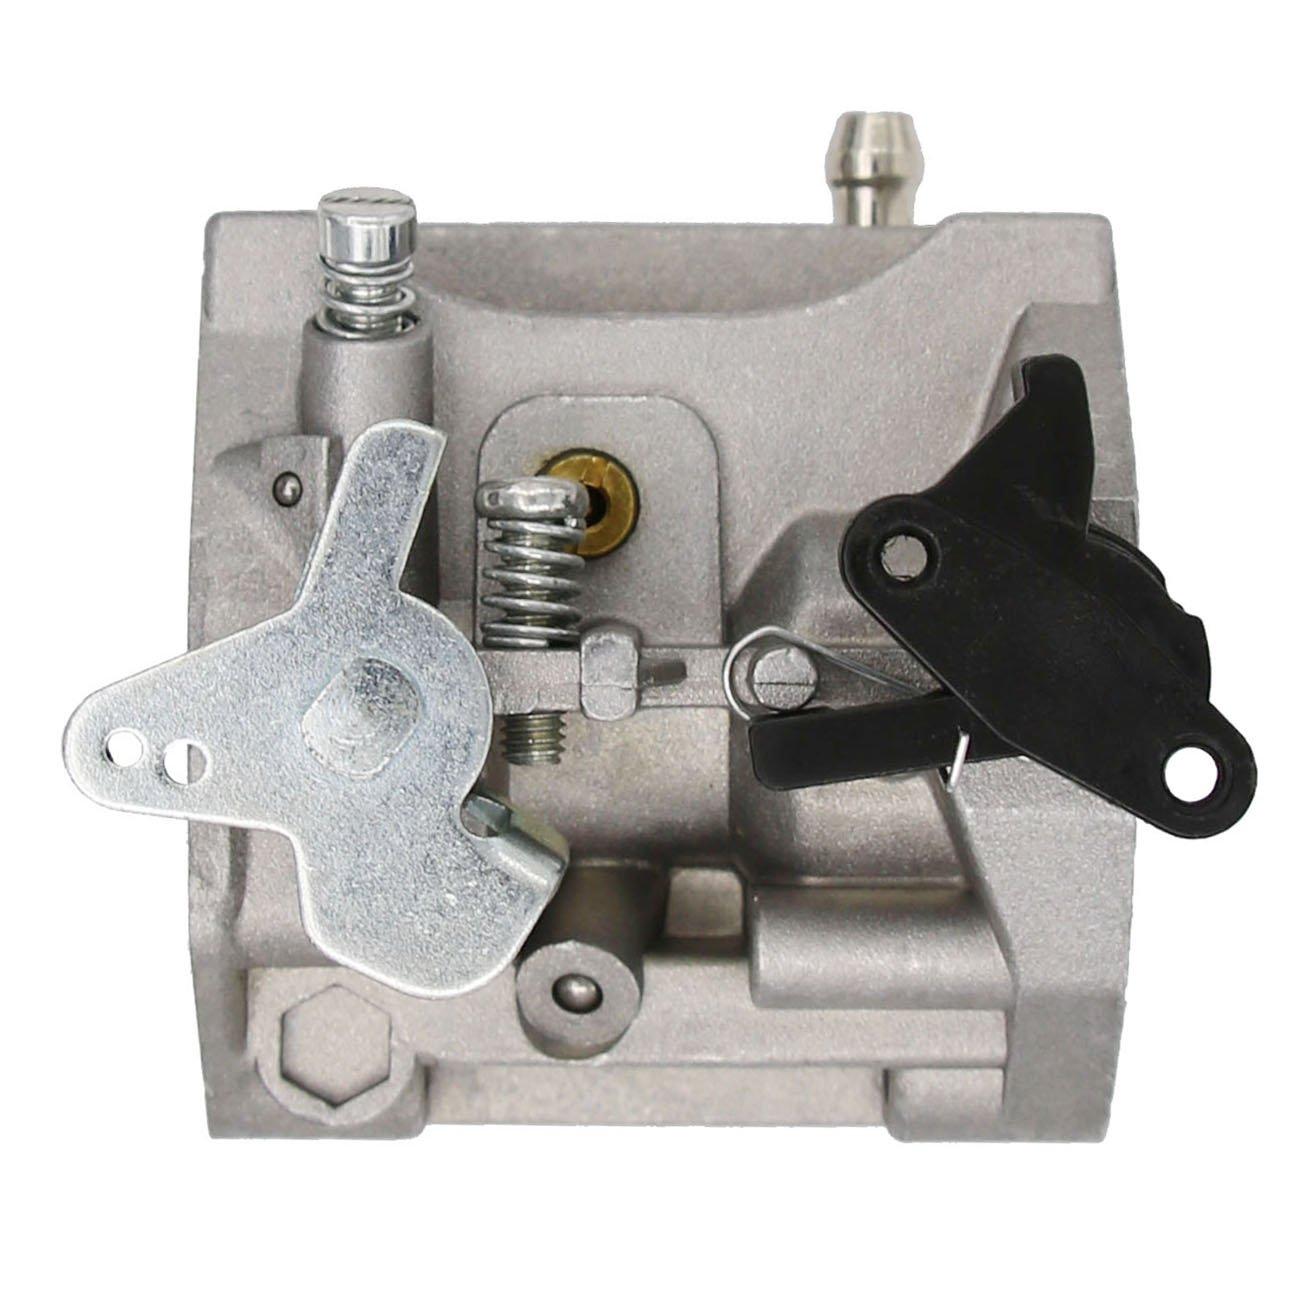 GCV160 Carburetor for Honda HRT216 HRR216 GCV160a HRS216 - Honda GCV160 Carburetor by HOOAI (Image #5)